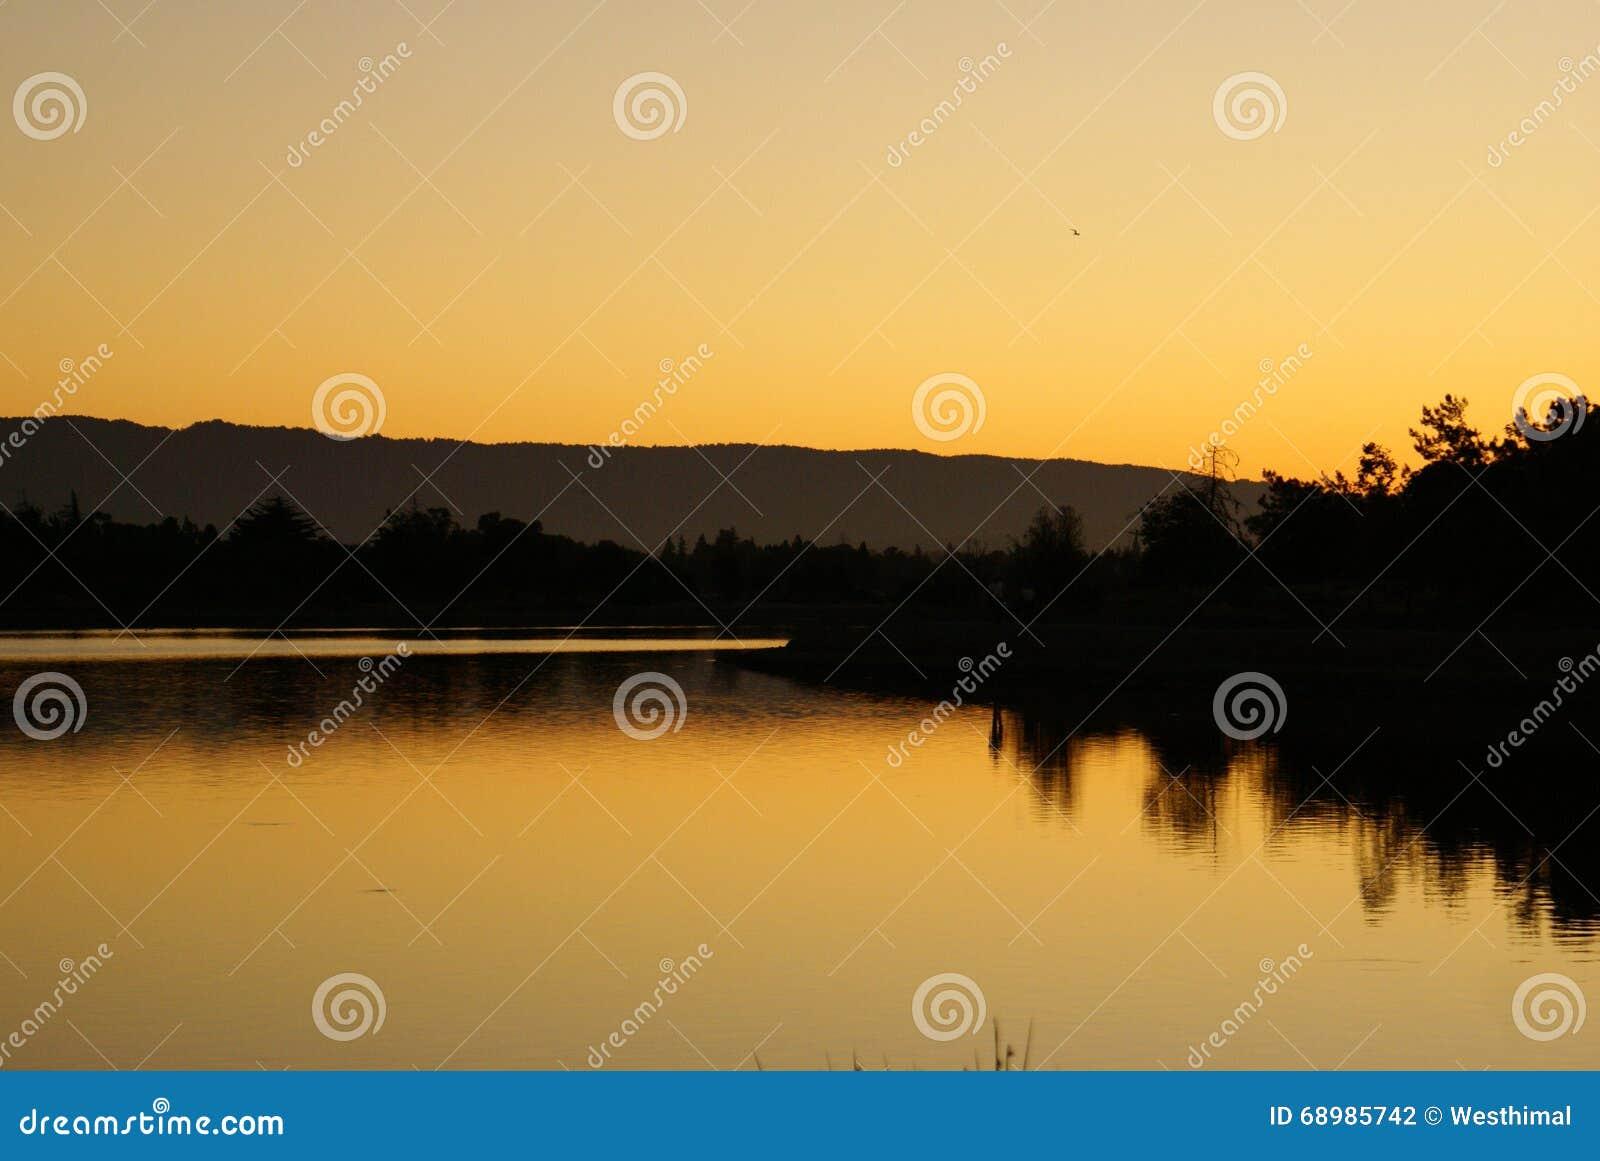 Półmrok przy Shorline Park jeziorem, Mountain View, Kalifornia,